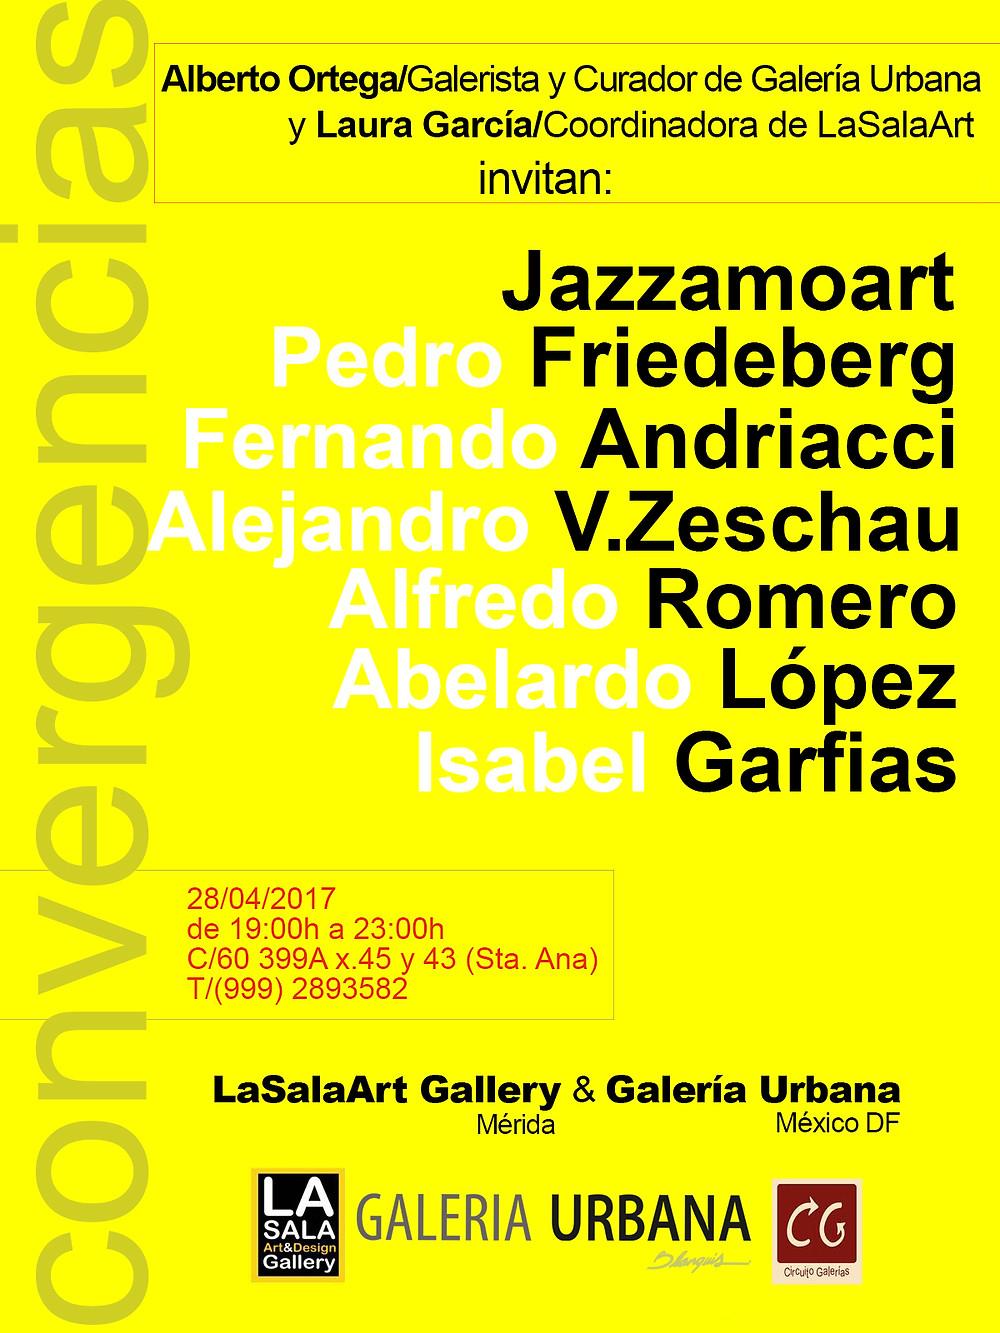 Art exhibition in Merida